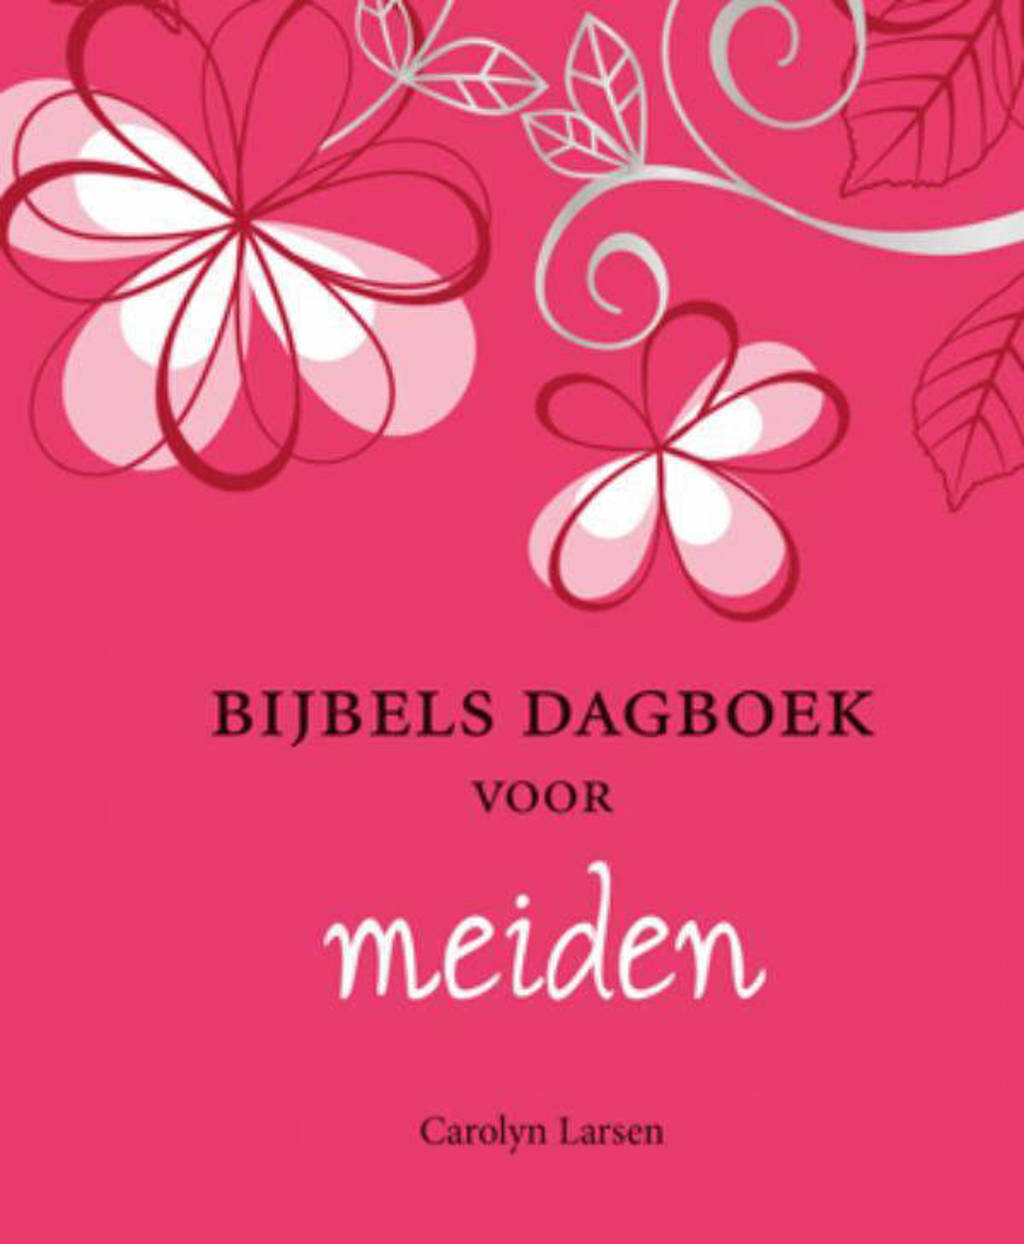 Bijbels dagboek voor meiden - Carolyn Larsen